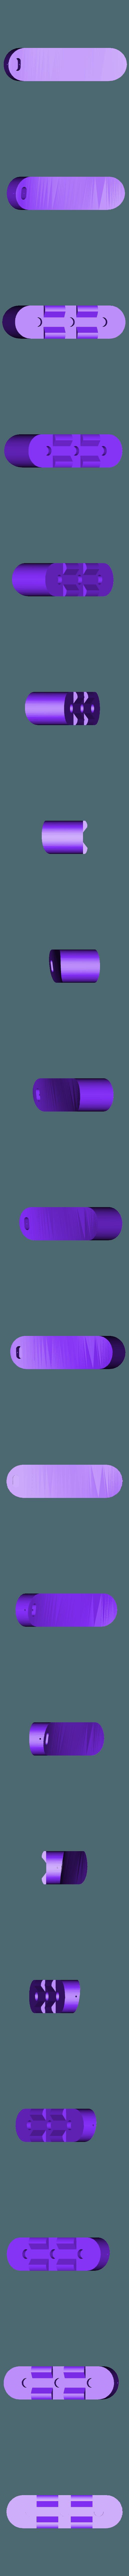 BaikalGripMagPlugV1.stl Télécharger fichier STL gratuit Bouchon magnétique Baikal MP-651K pour poignée ergonomique • Plan pour imprimante 3D, Milan_Gajic